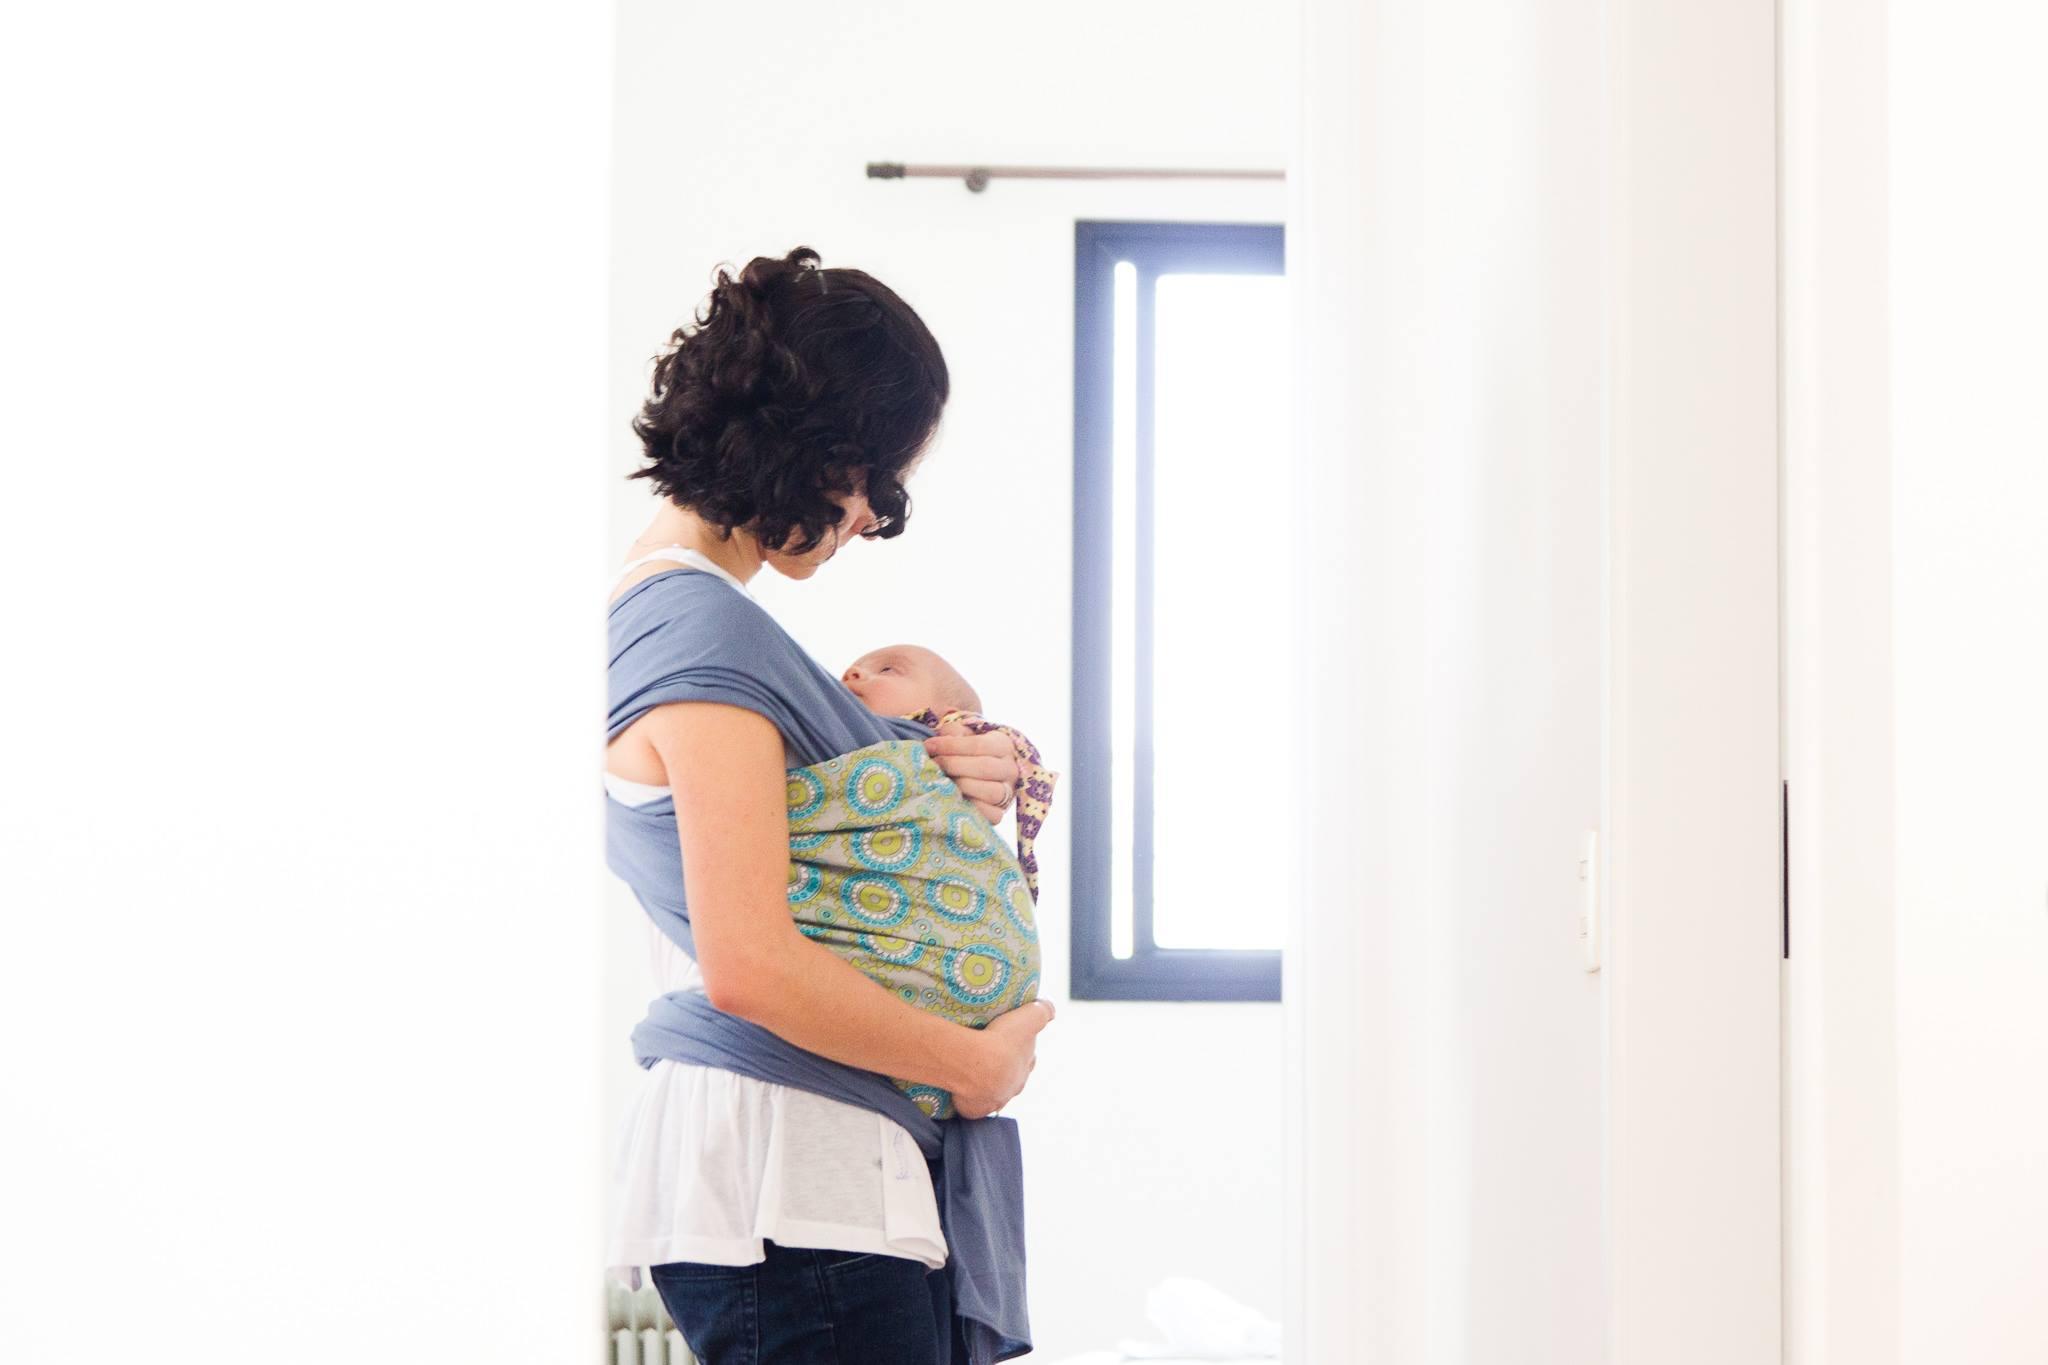 Mãe carrega filho no sling; colo e aconchego para o bebê (Foto: Carla Reiter/www.carlaraiter.com)